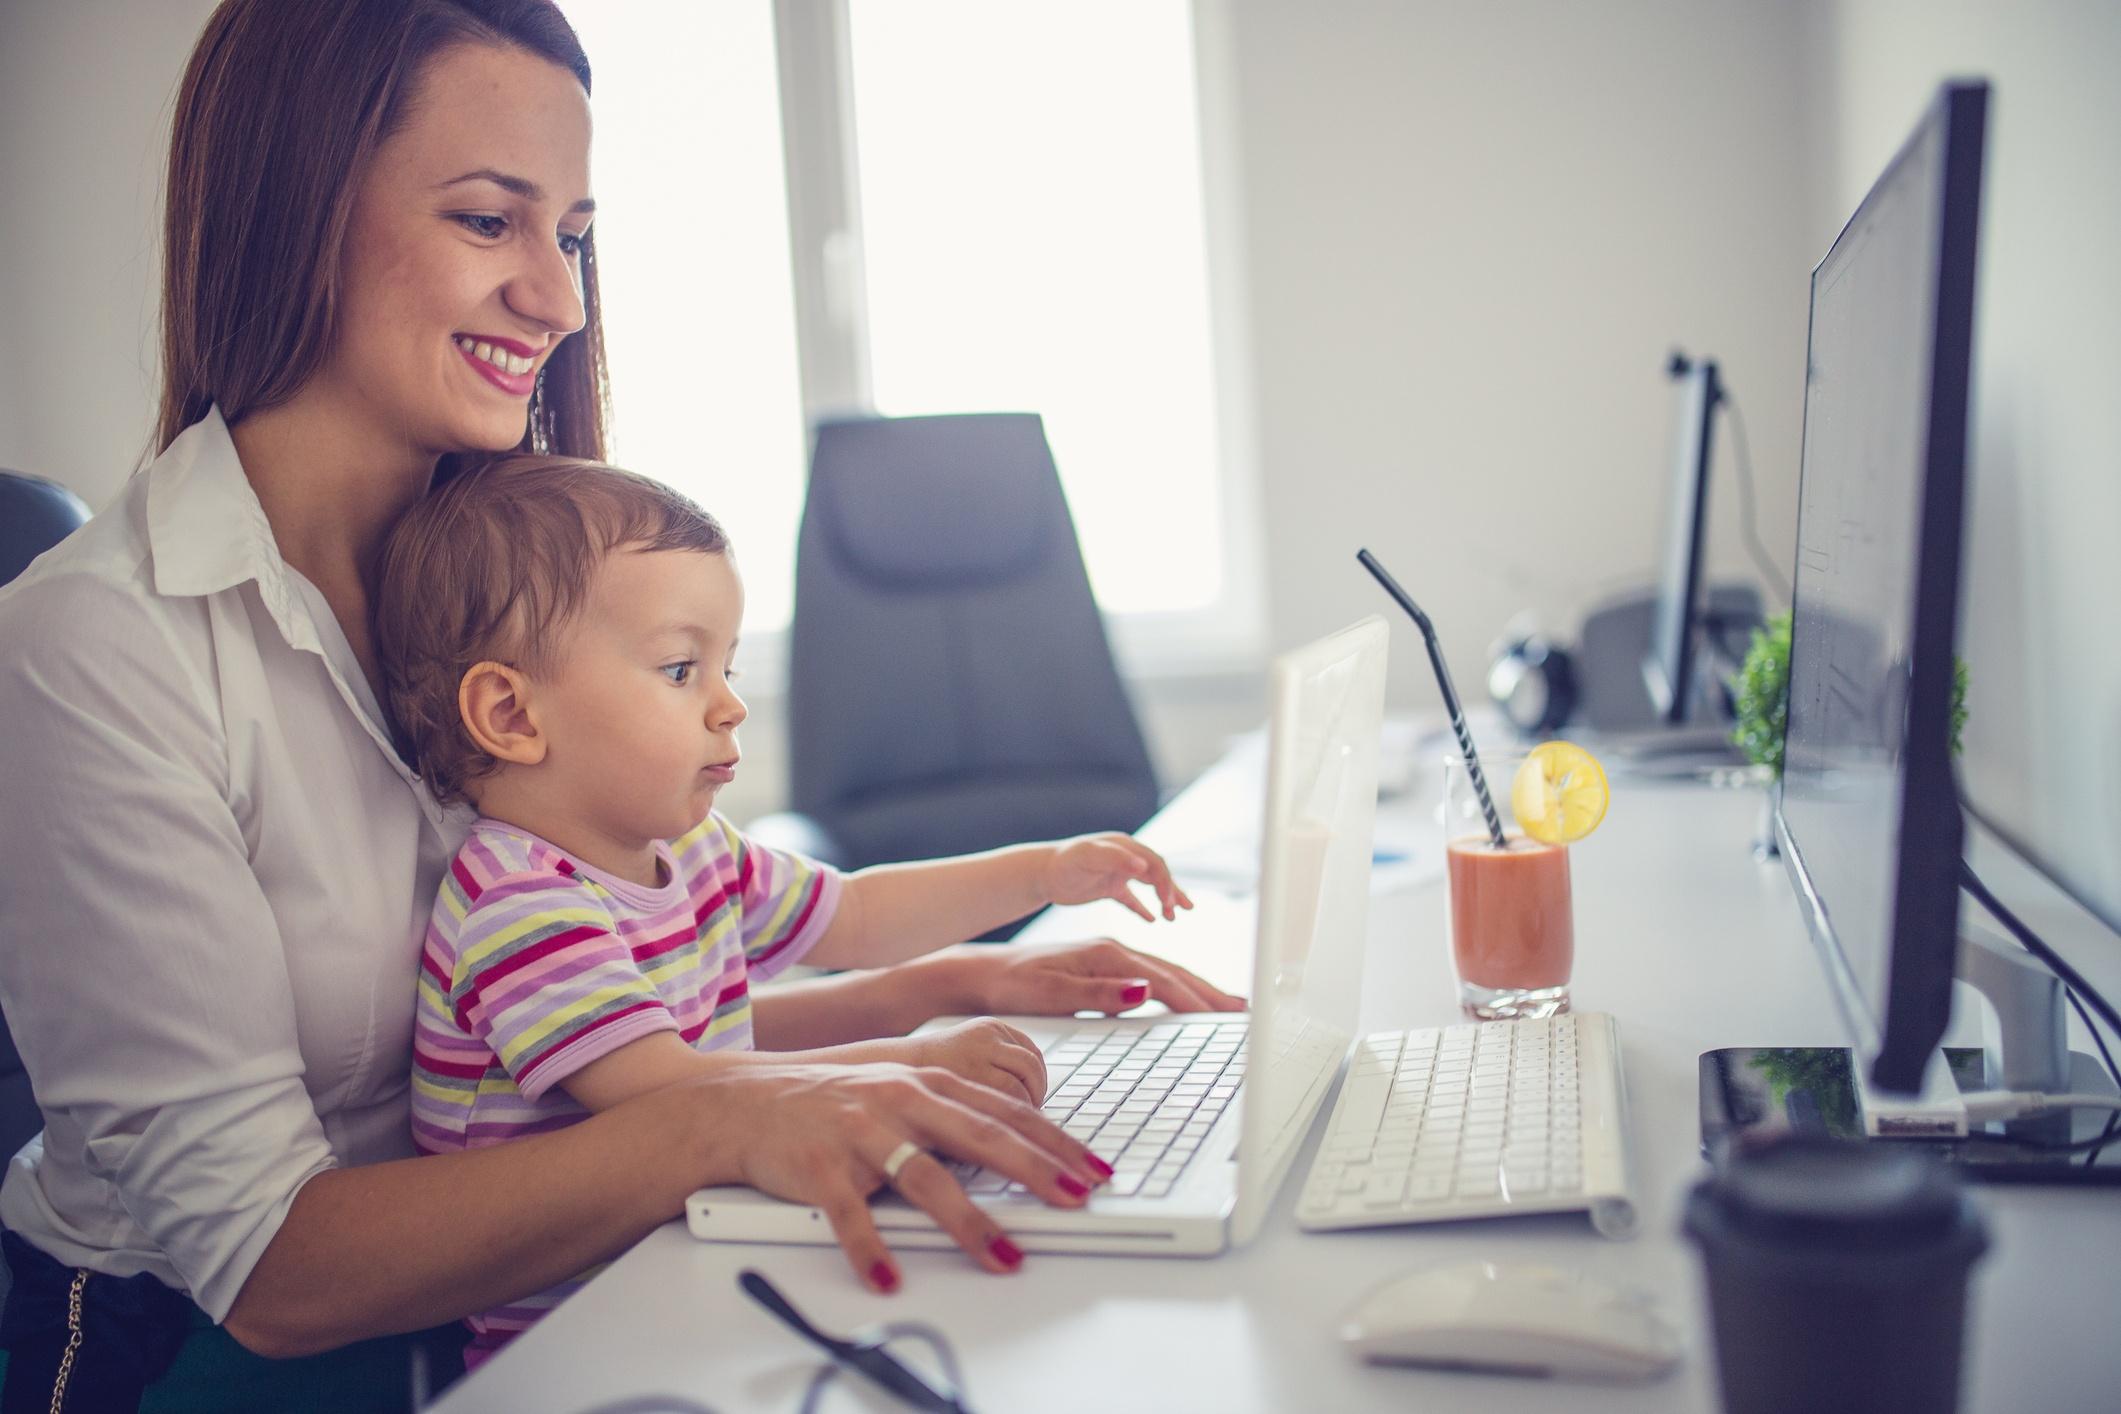 Existen miles de formas de ayudar a los padres trabajadores, ¡encuentre la suya!